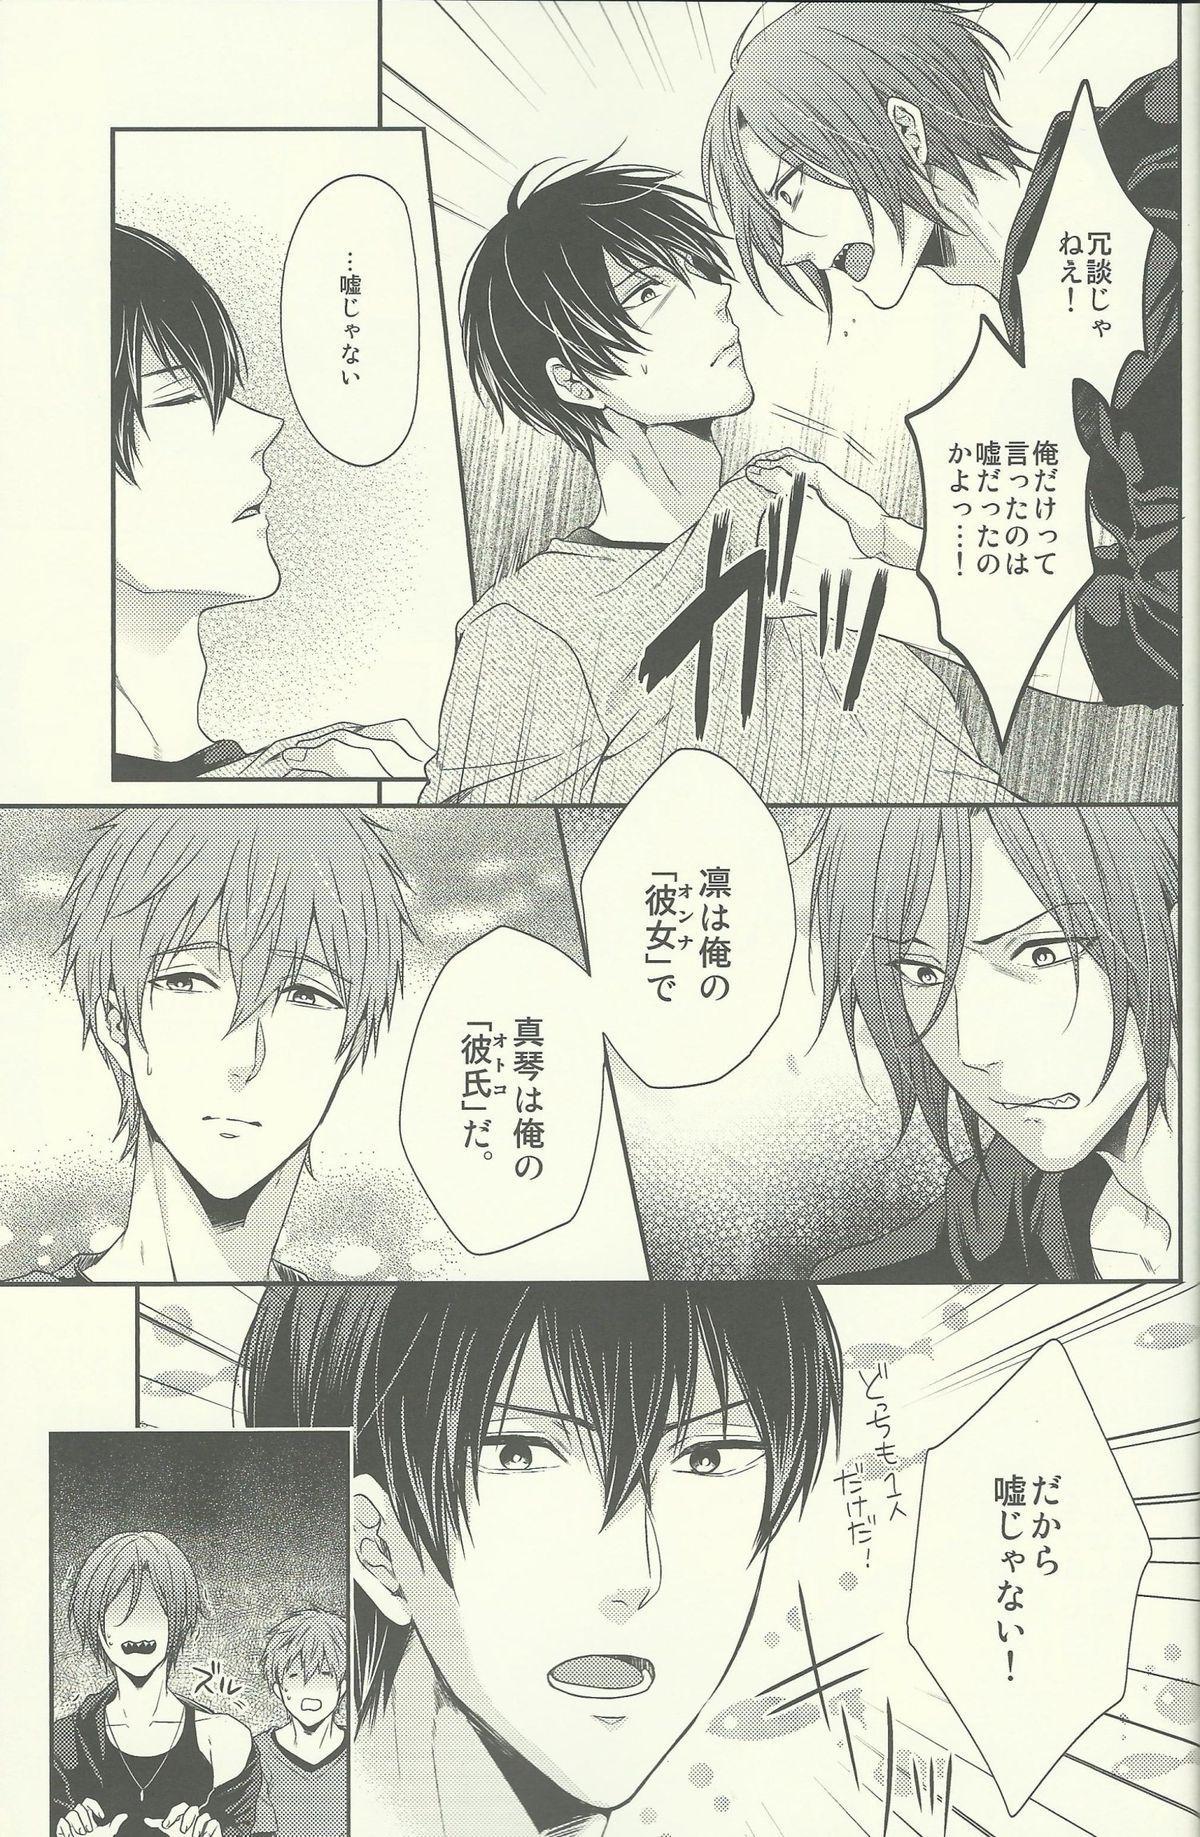 Yurushite Warui Iruka-chan 3